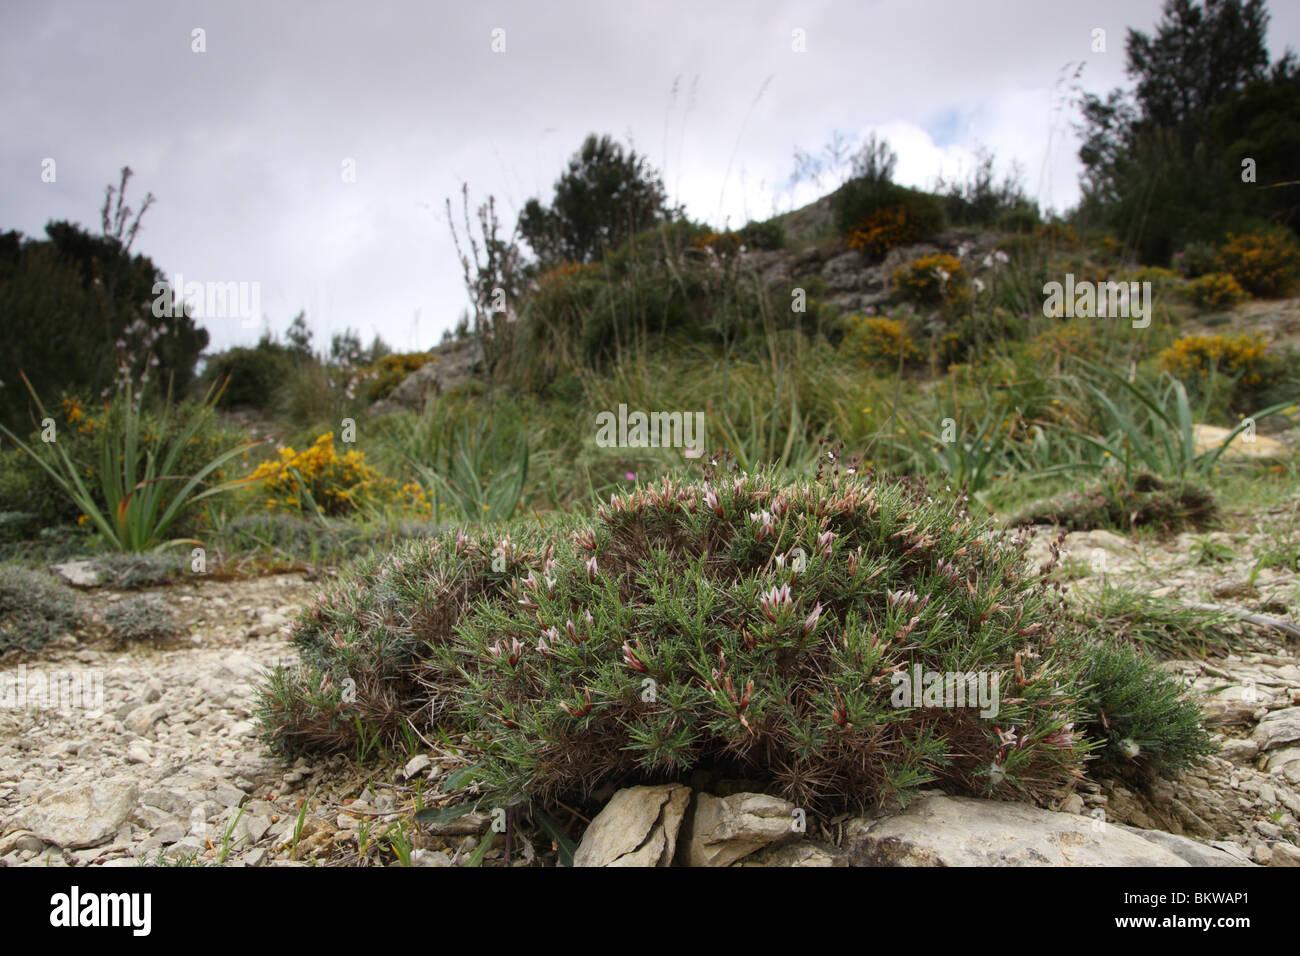 Der Berg im Nordosten von Mallorca, erreichbar über Arta, enthalten sehr herrlichen Pflanzen, darunter eine Stockbild